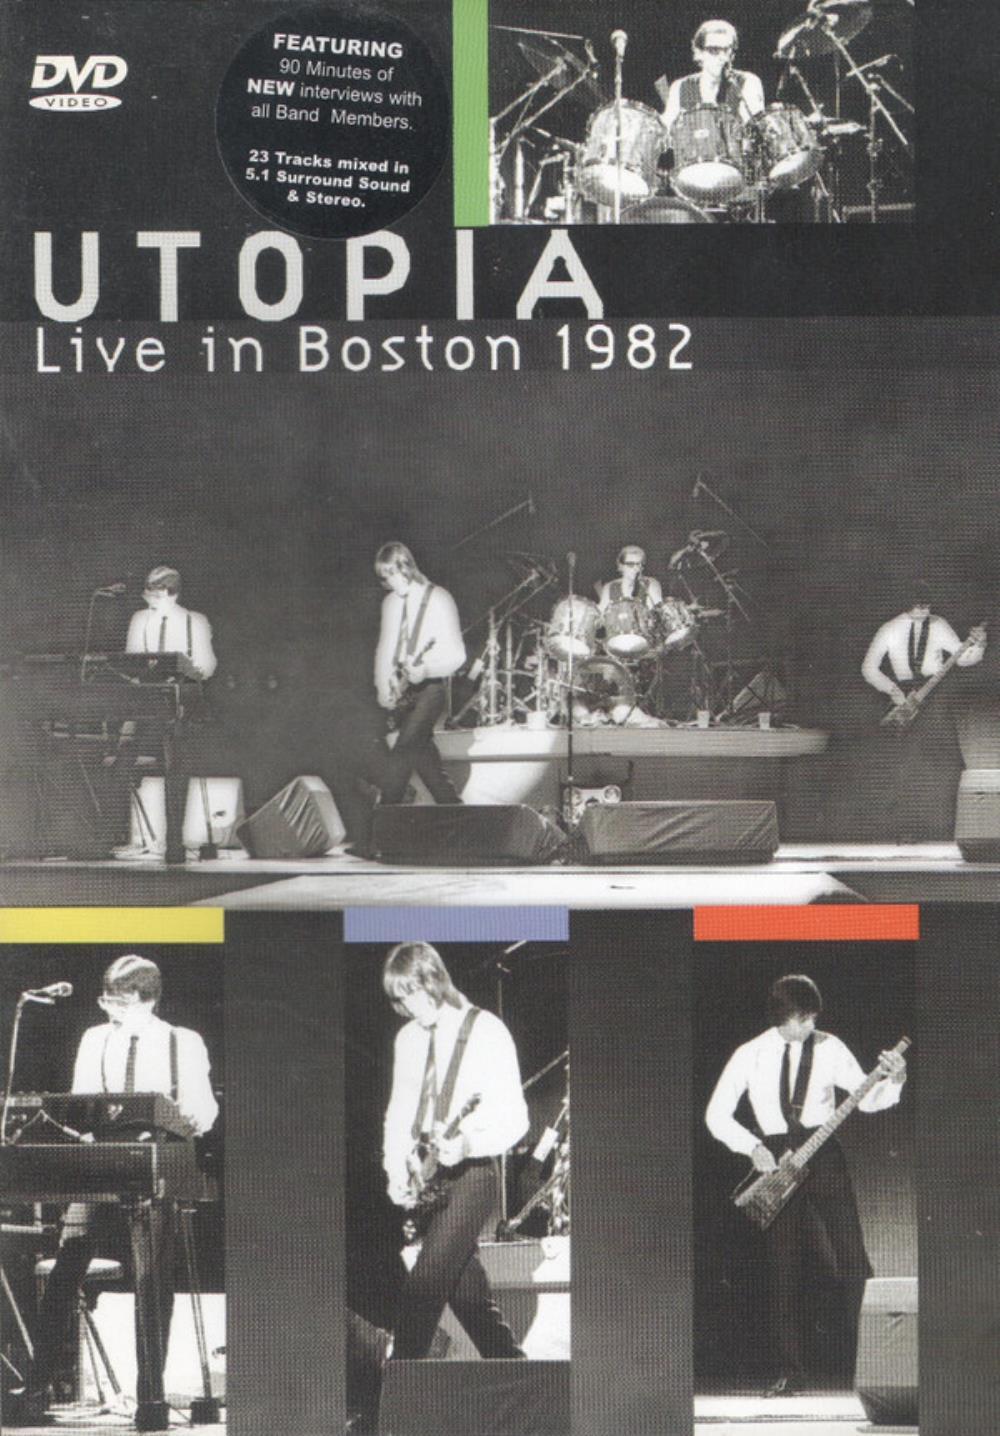 Live in Boston 1982 by UTOPIA album cover